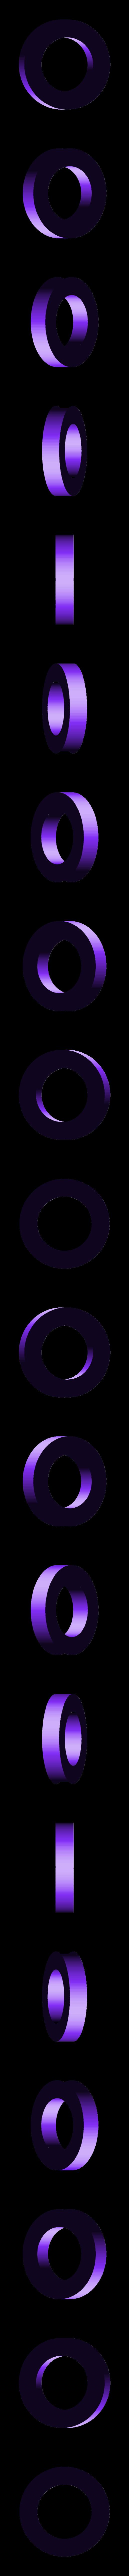 ender_2_filament.stl Télécharger fichier STL gratuit Ender 2 Tendeurs à ressort • Objet à imprimer en 3D, HughMann